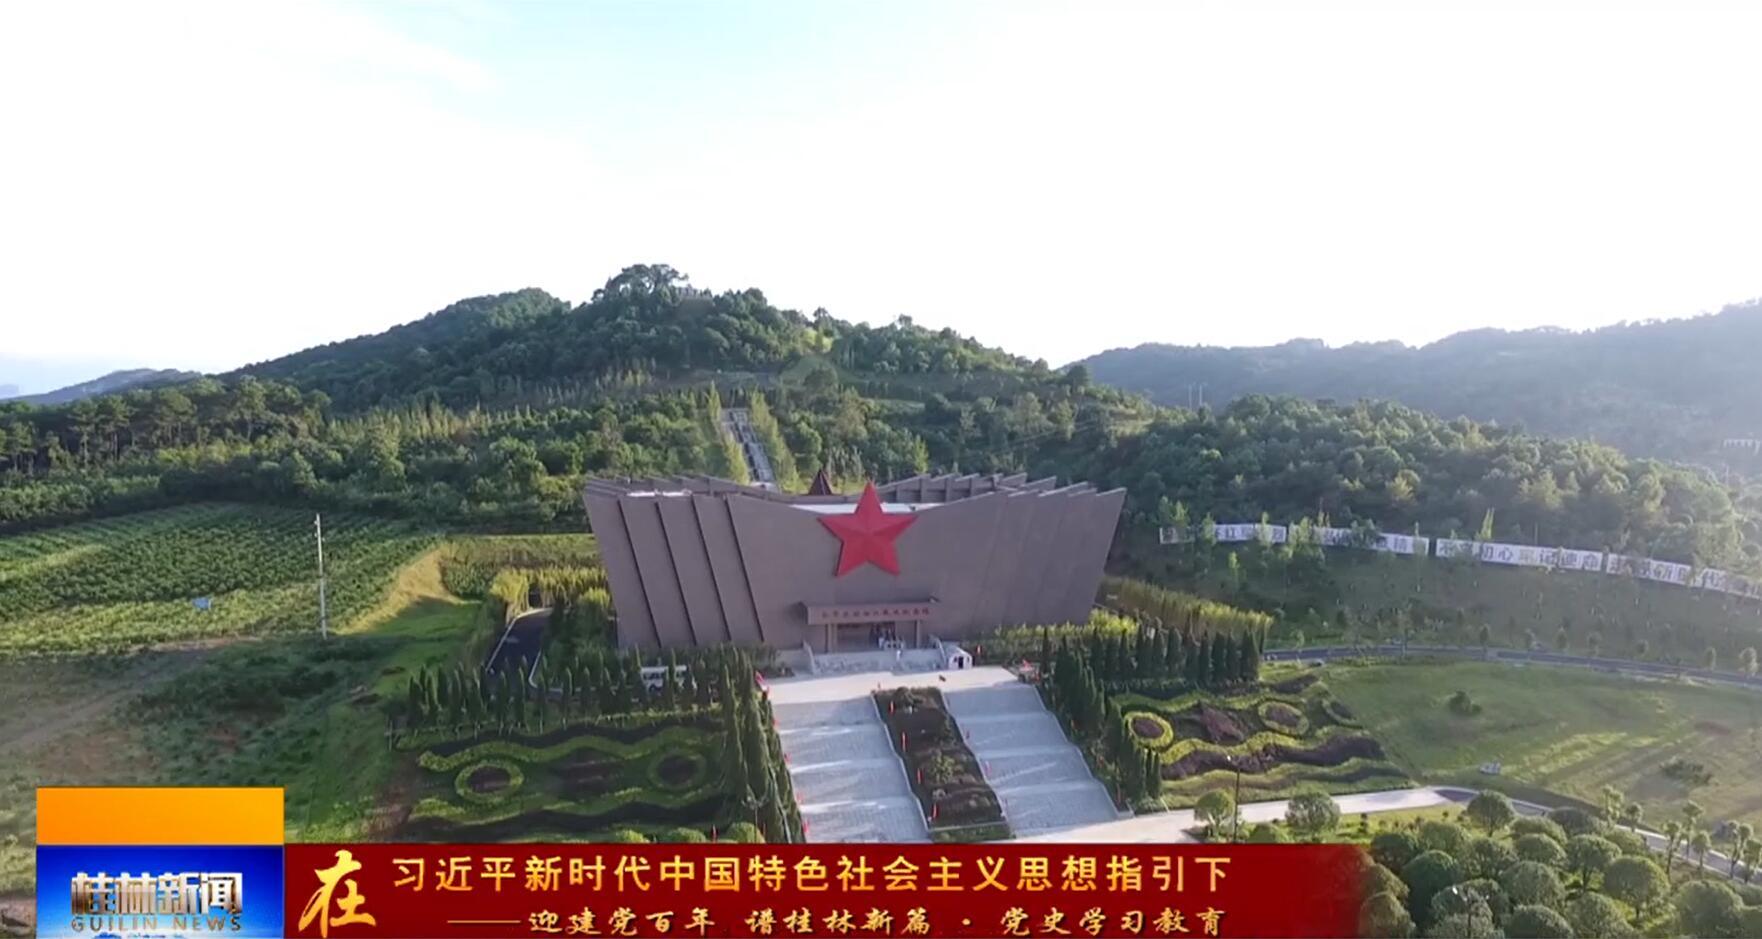 桂林:修缮保护湘江战役纪念设施 伟大长征精神